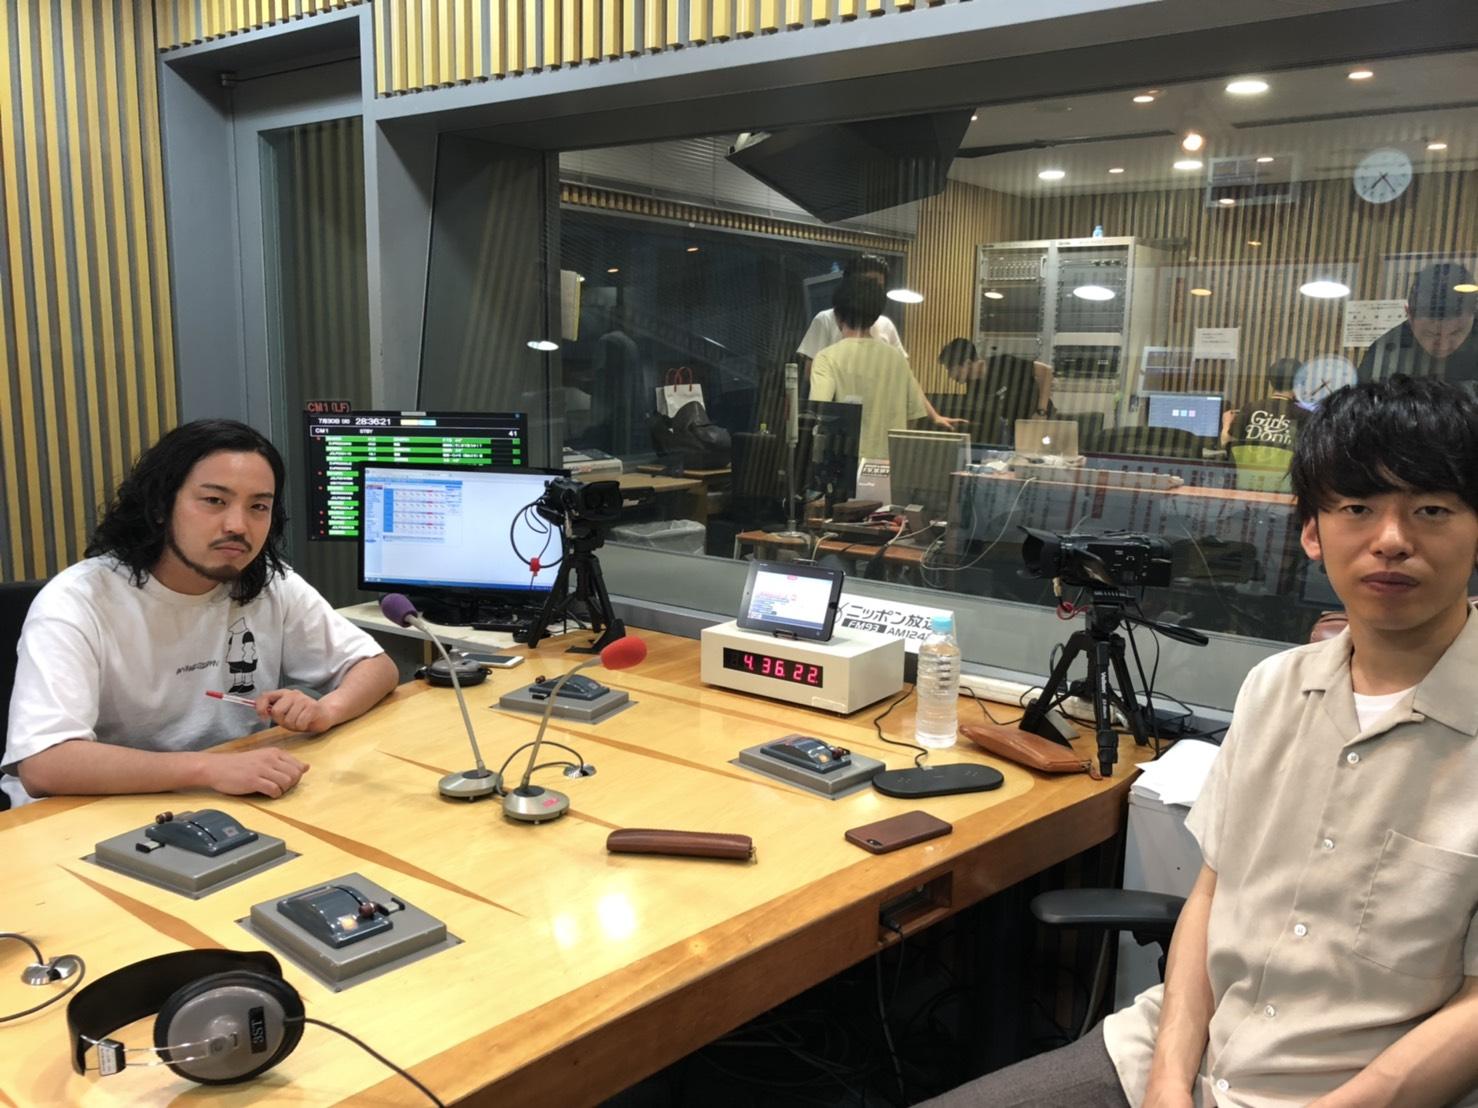 オールナイトニッポン.com ラジオAM1242+FM93 ニッポン放送